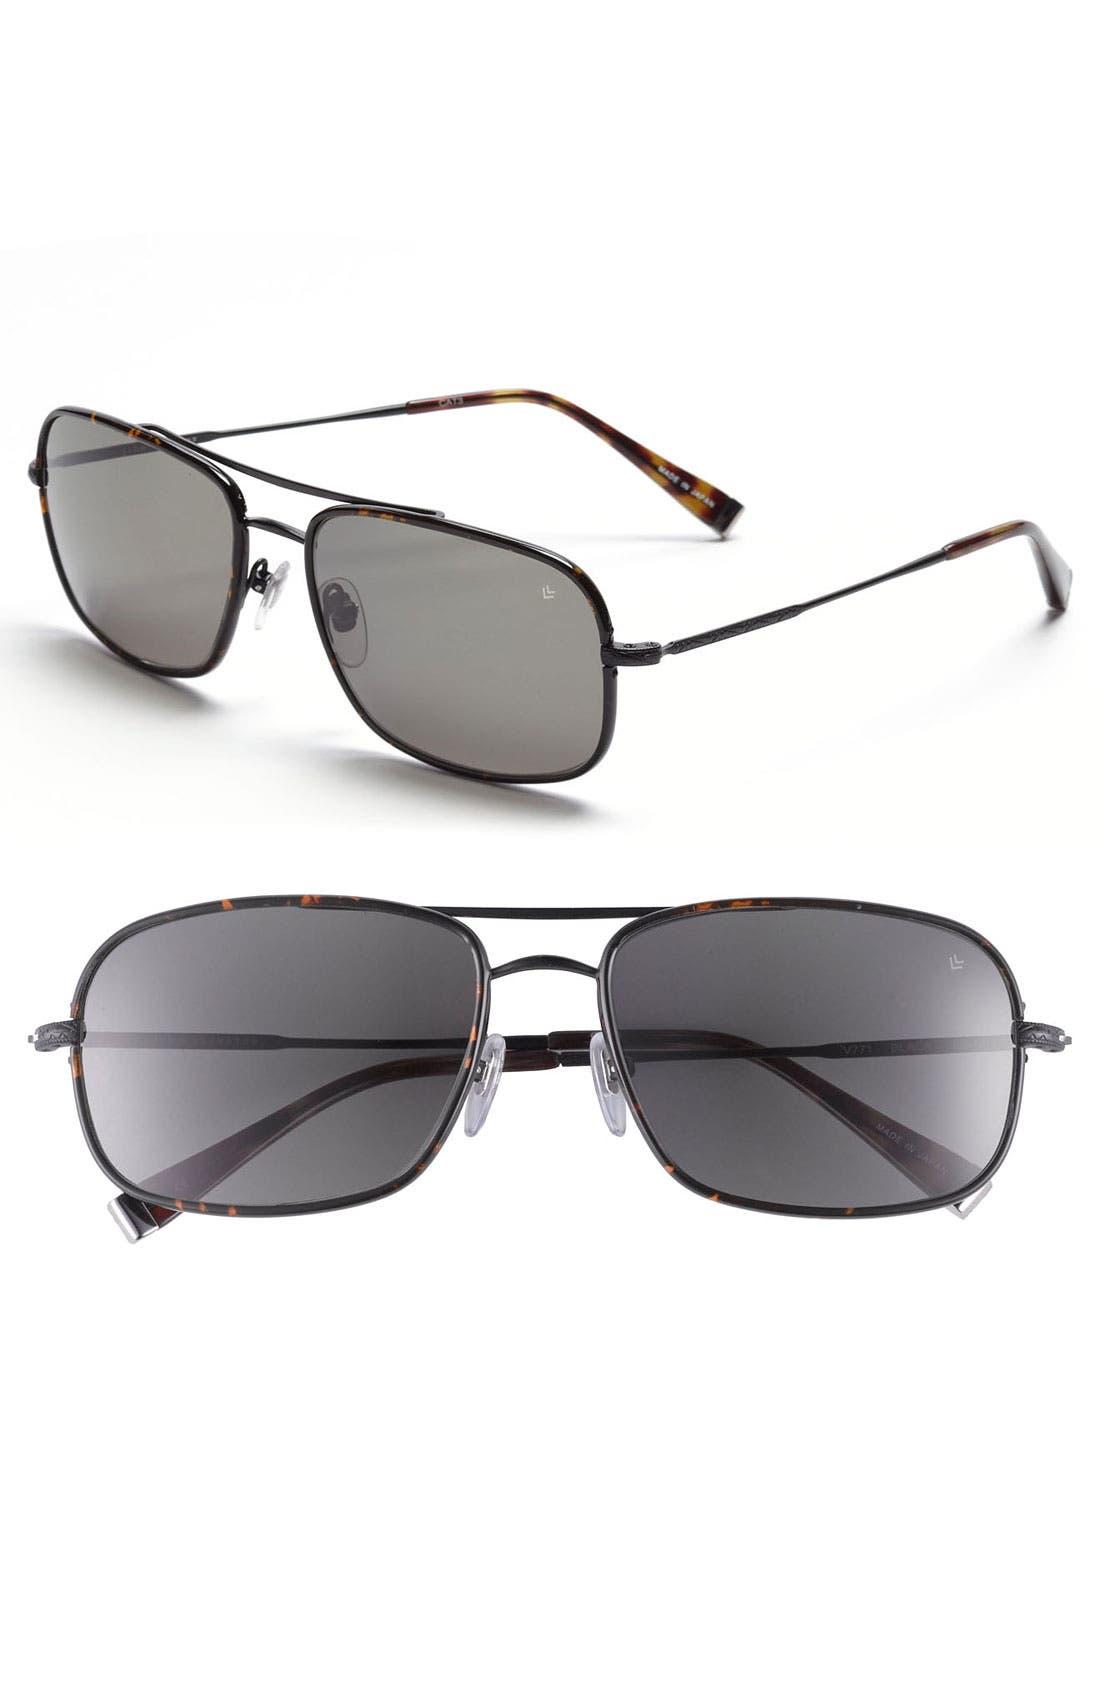 Main Image - John Varvatos Collection 58mm Rectangular Aviator Sunglasses